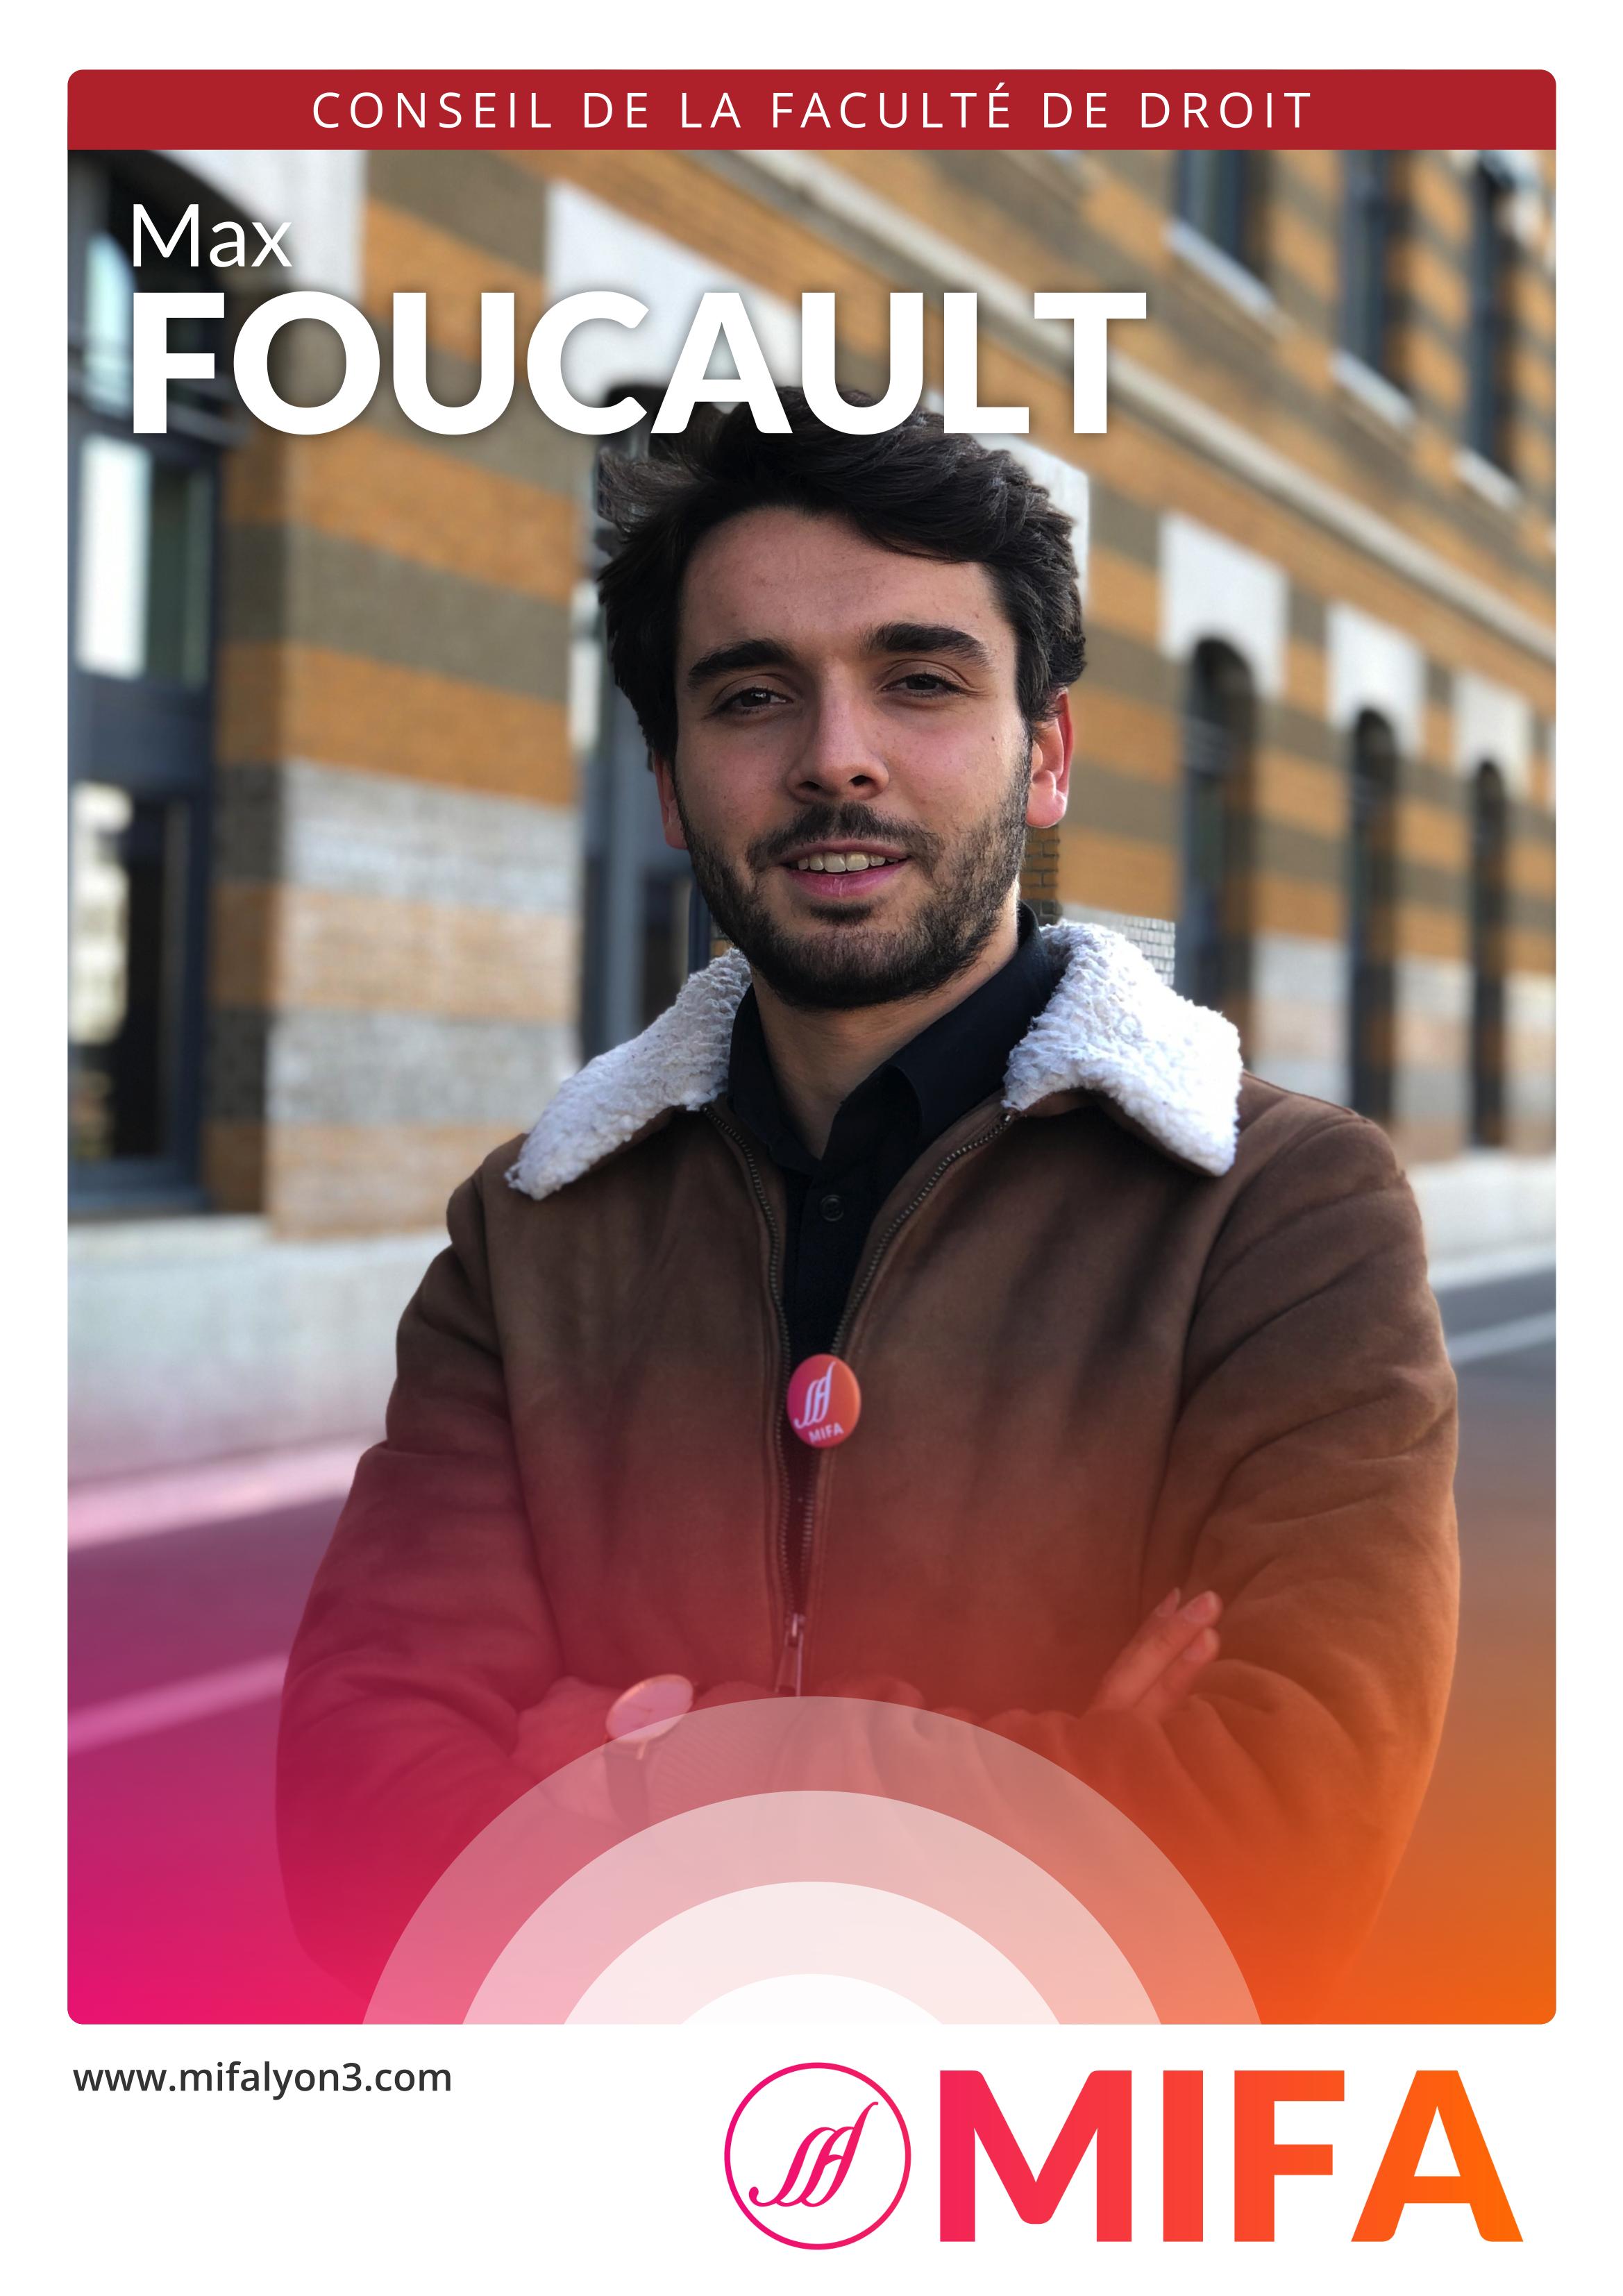 Max FOUCAULT